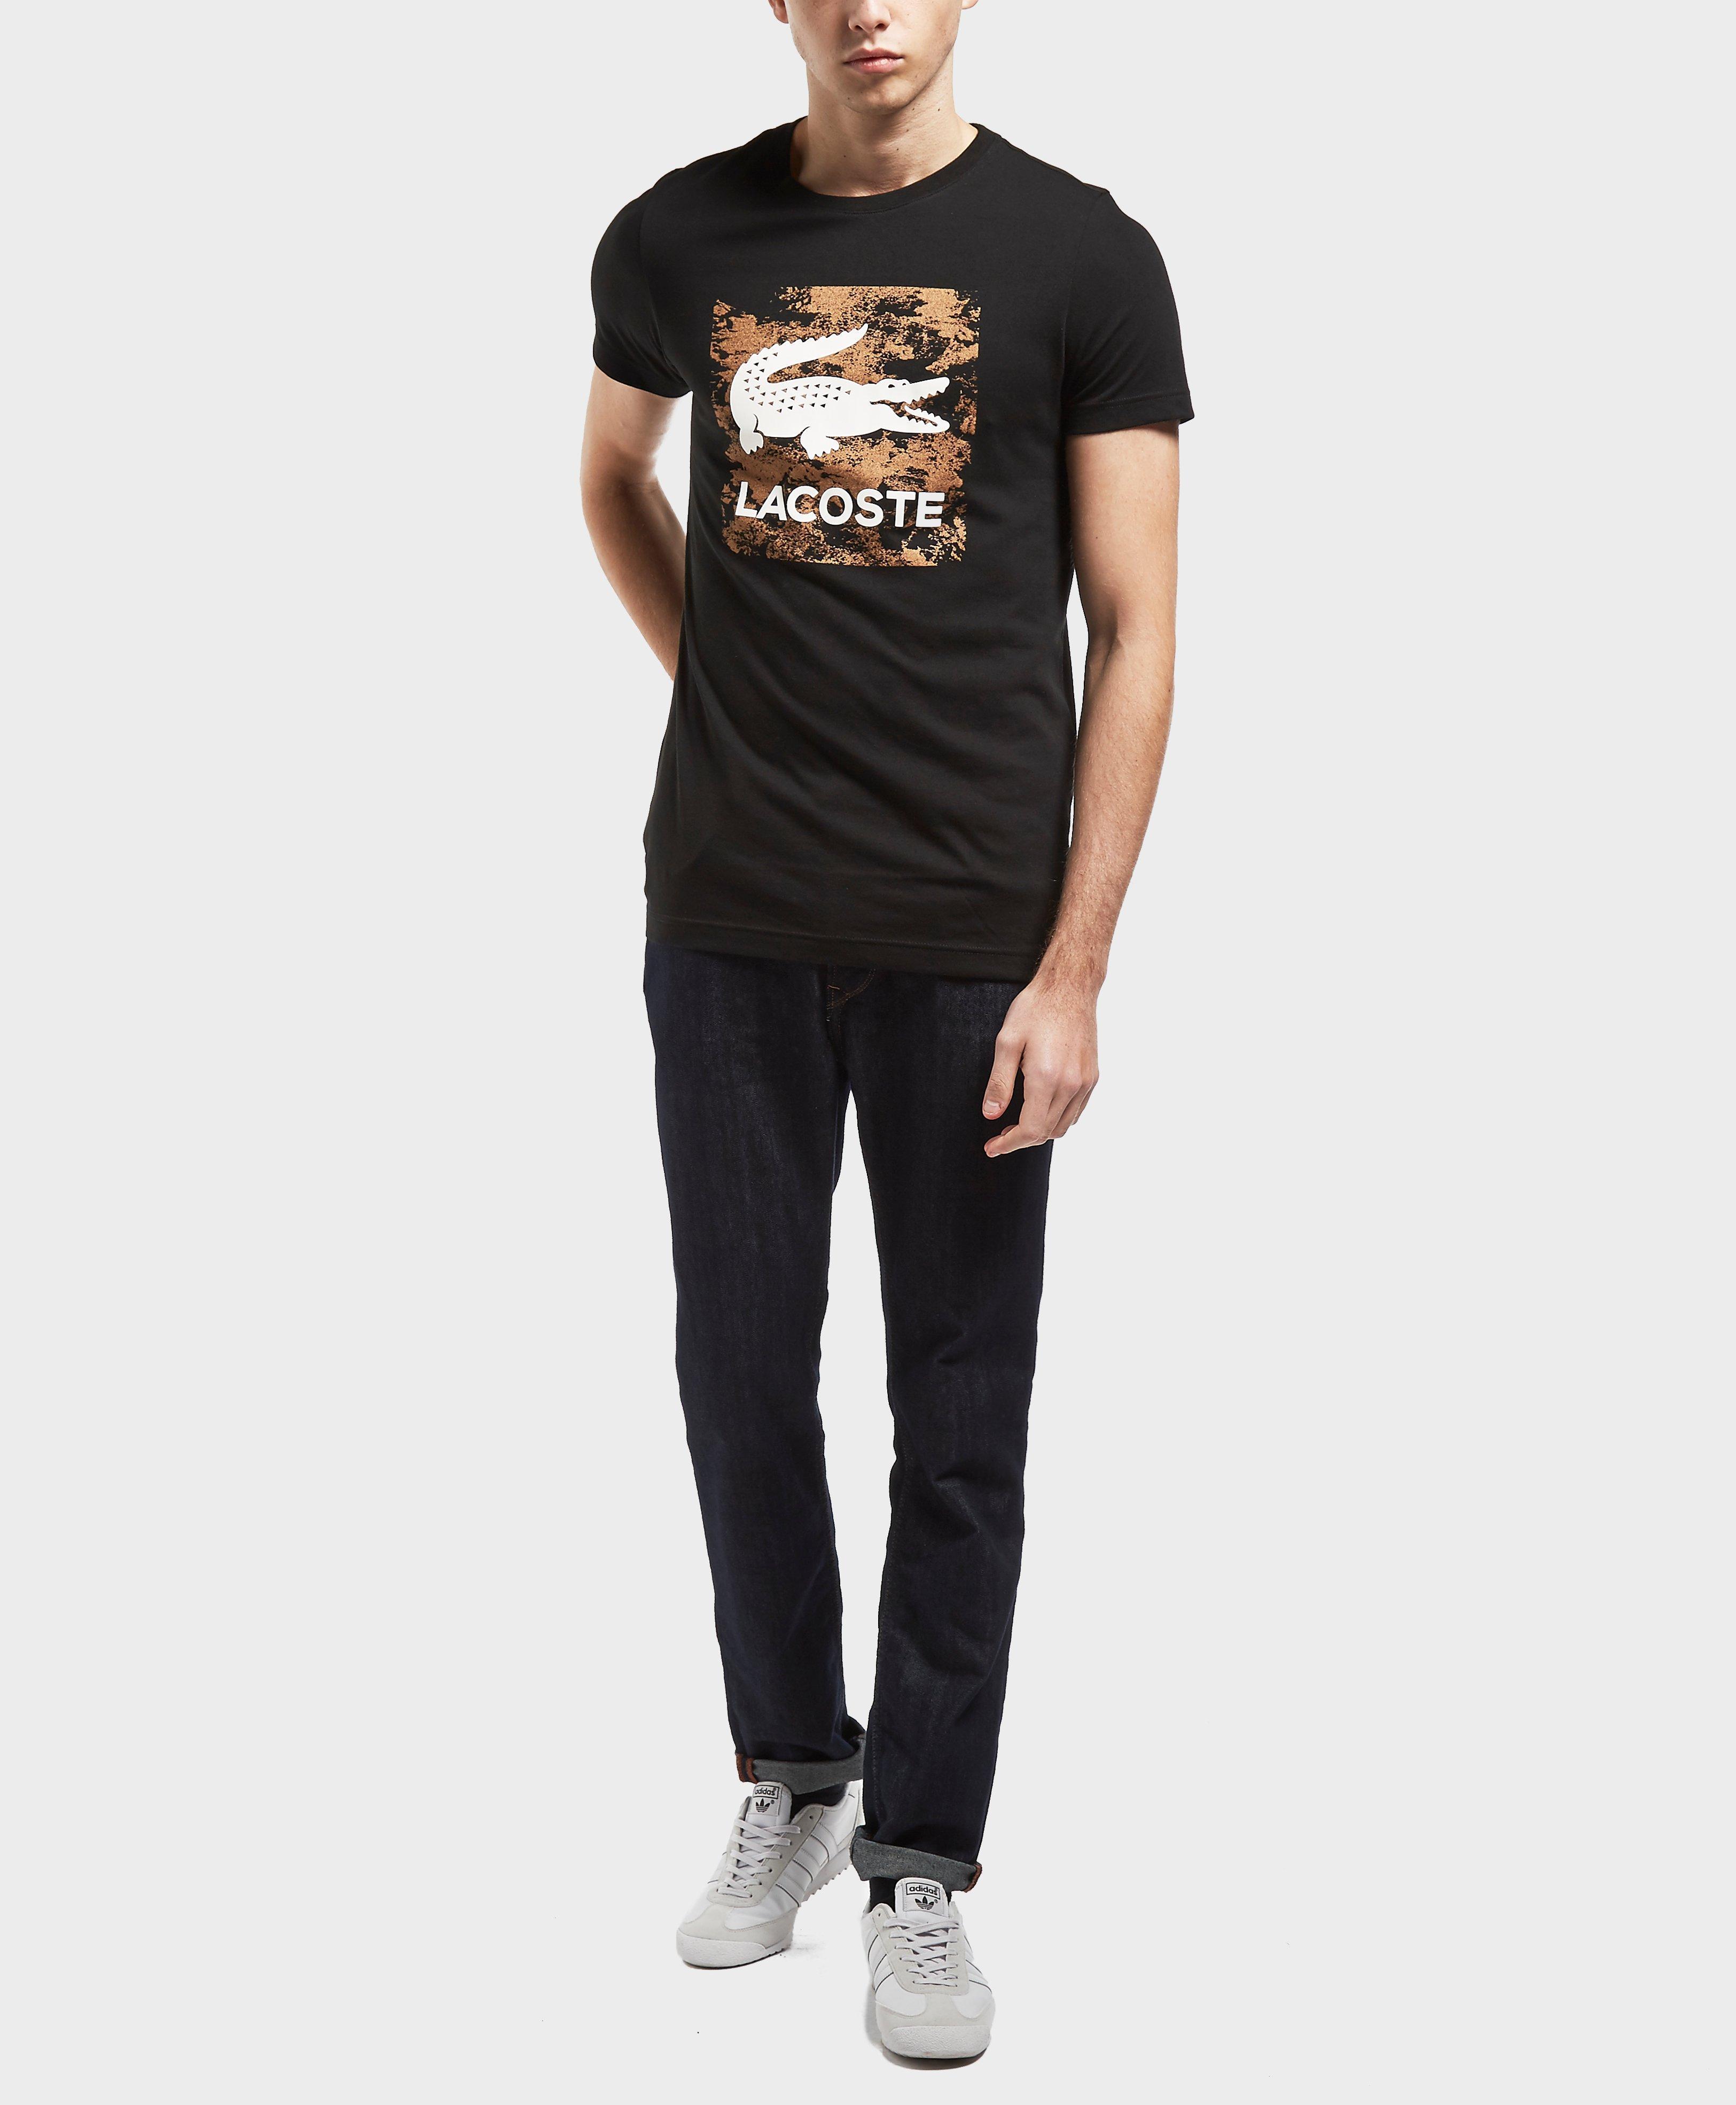 lacoste square logo short sleeve t shirt in black for men. Black Bedroom Furniture Sets. Home Design Ideas